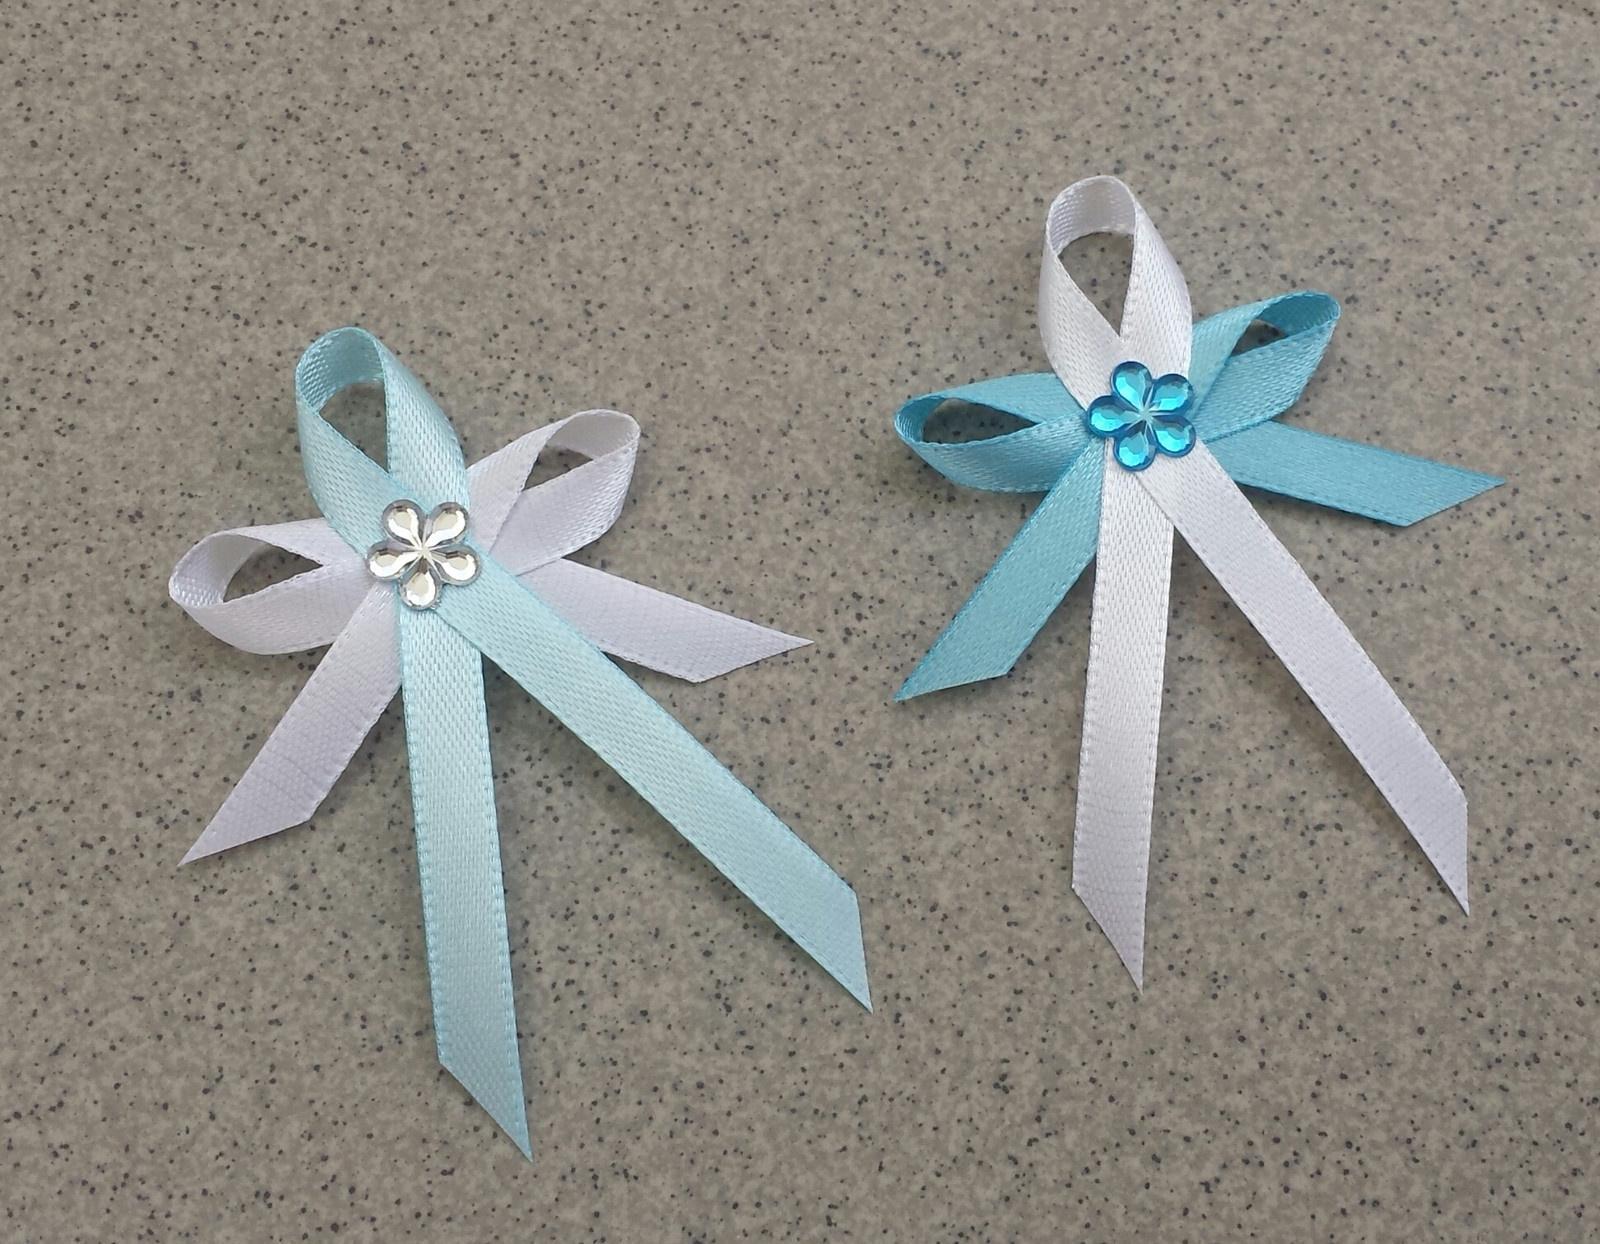 Ledově modré vývazky s květinkou - Obrázek č. 1